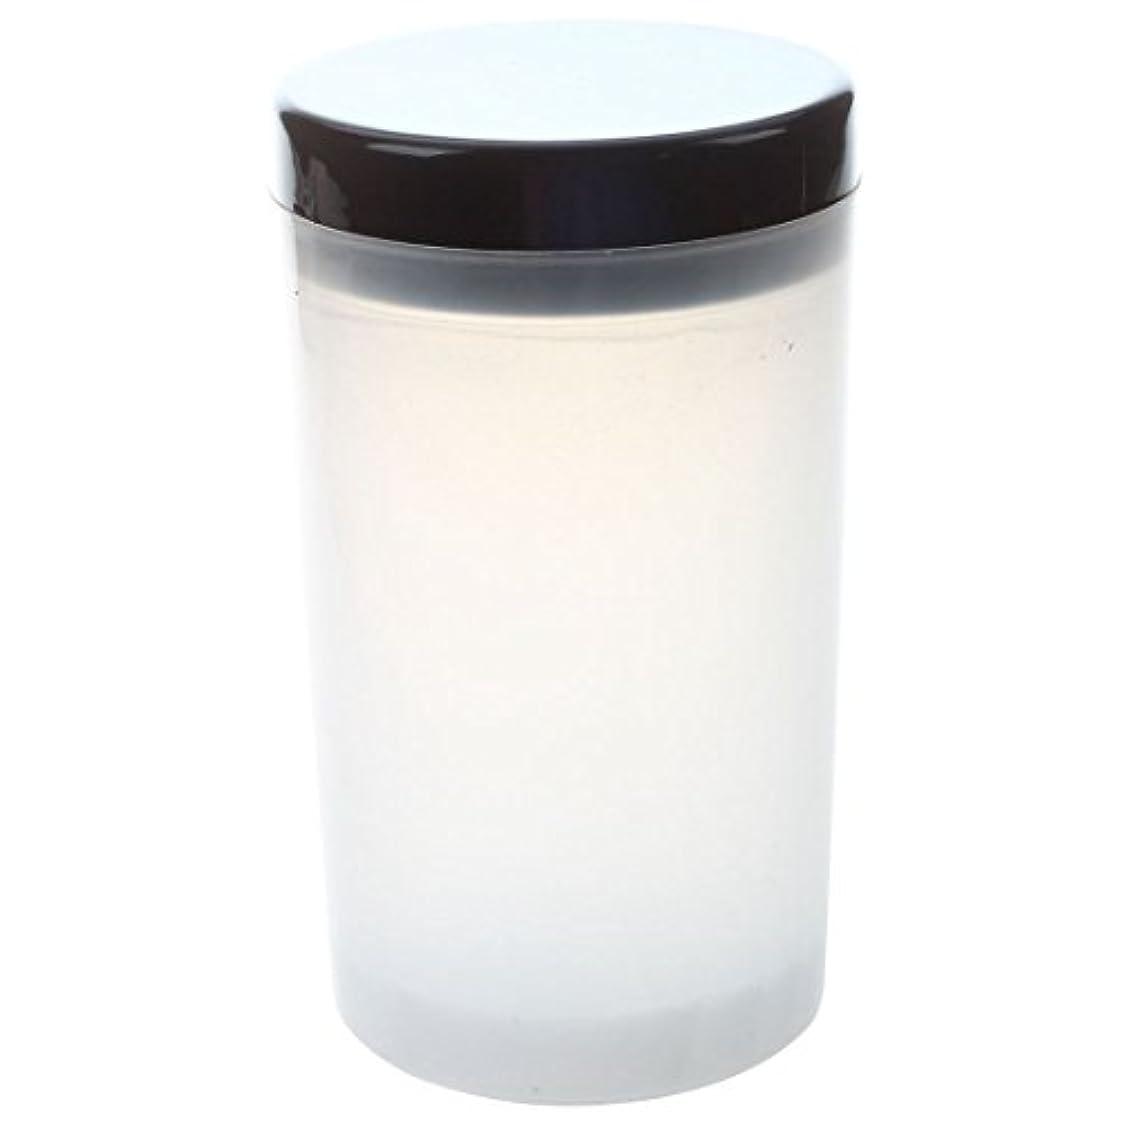 開発する選挙磁気Xigeapg ネイルアートチップブラシホルダー リムーバーカップカップ浸漬ブラシ クリーナーボトル